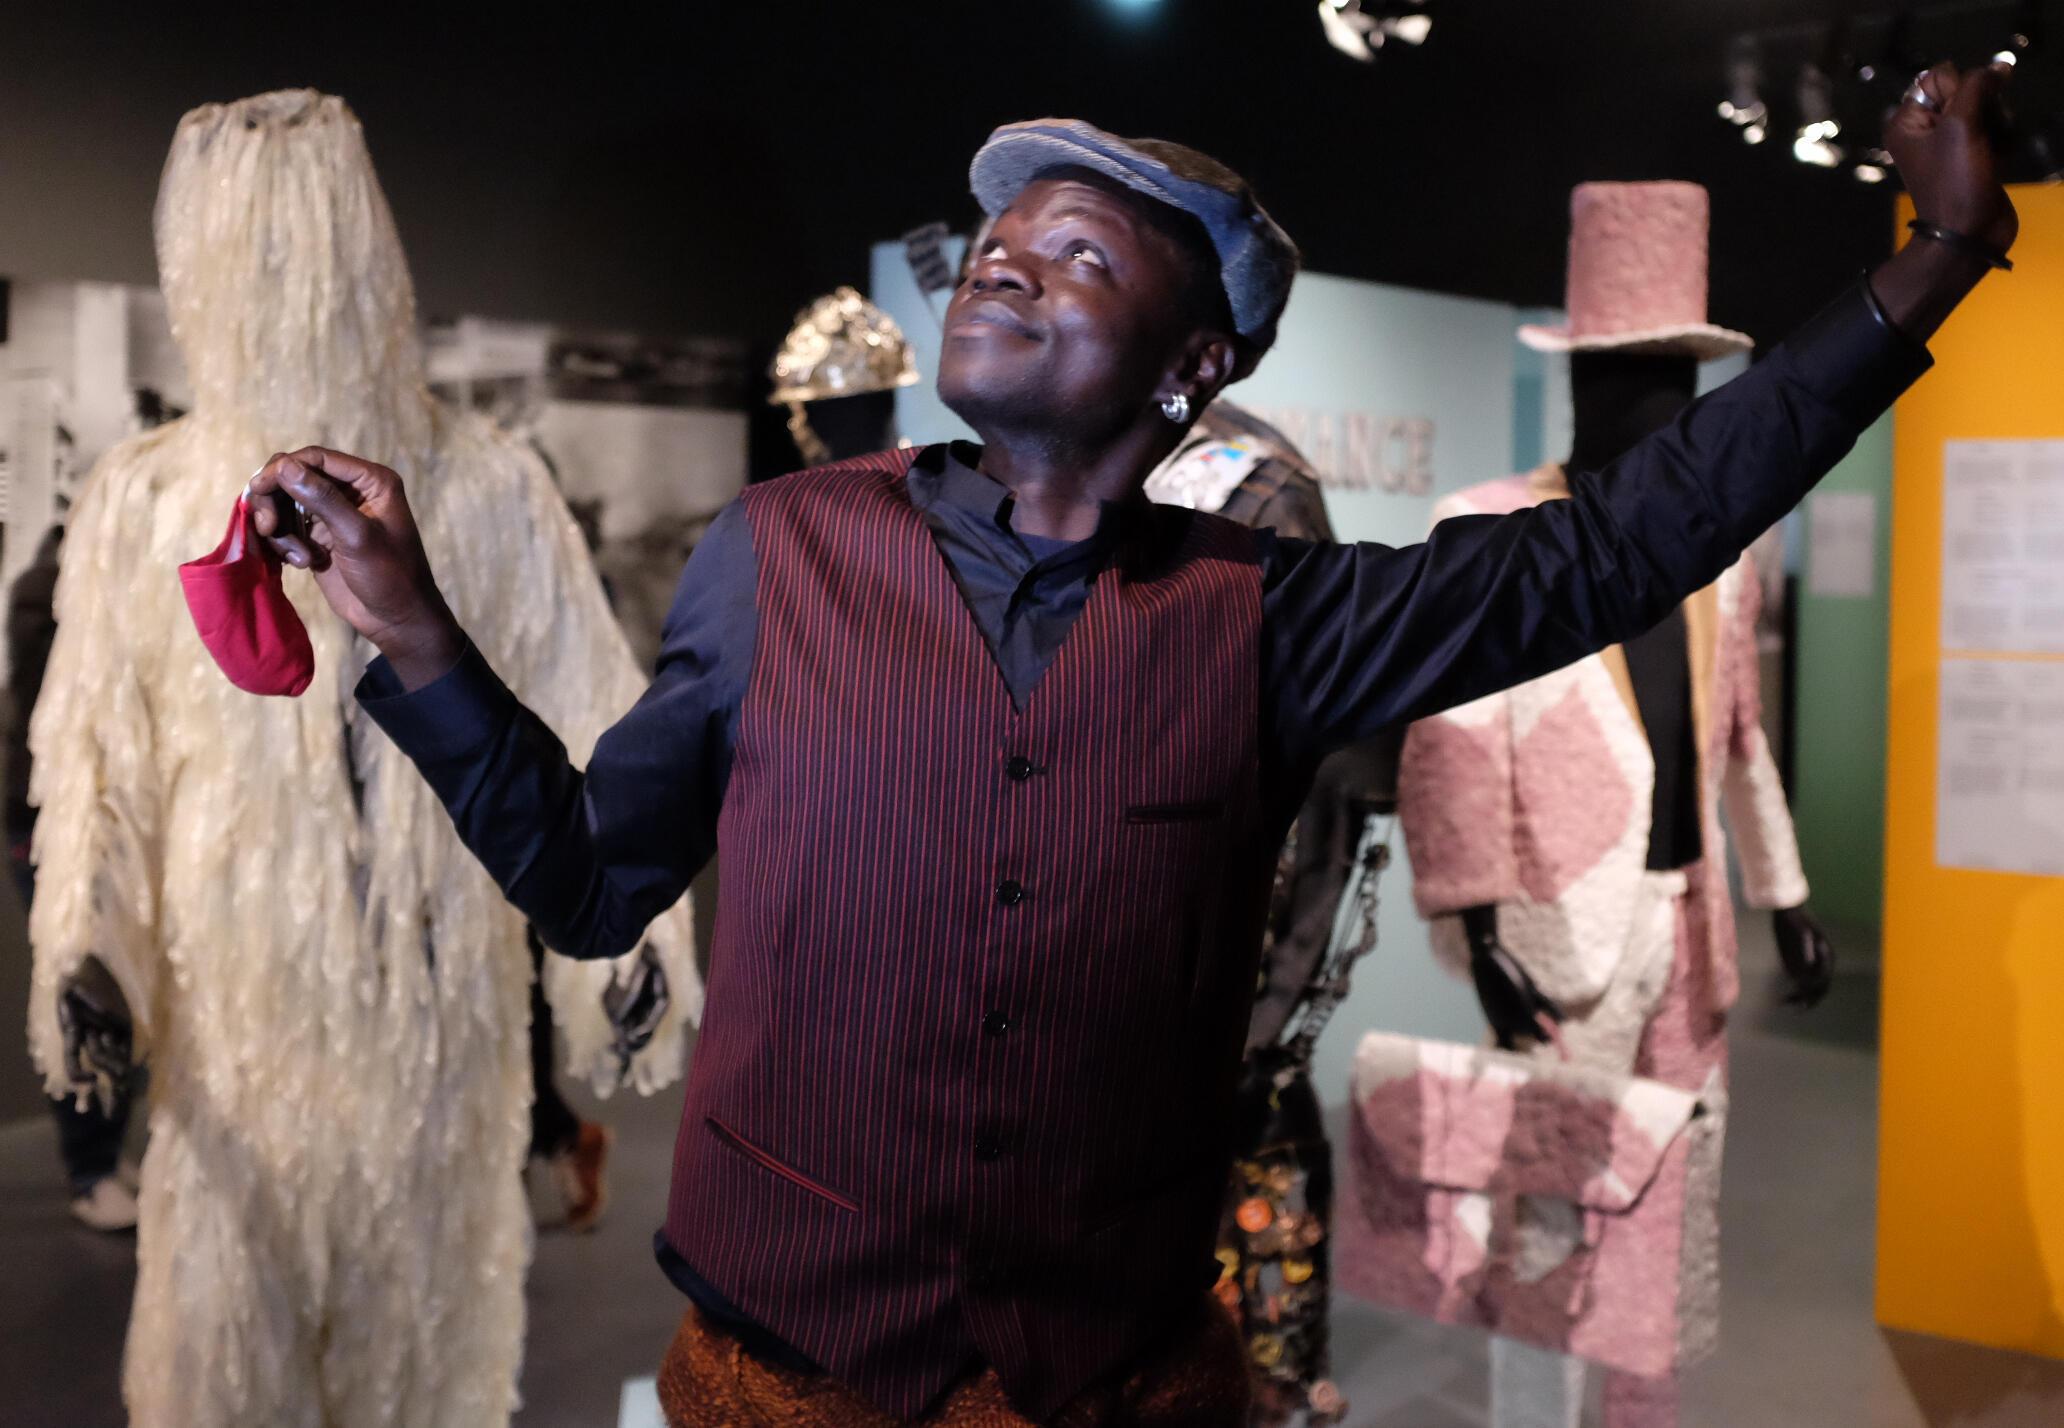 Eric Androa Mindre Kolo, artiste-plasticien, performeur, vidéaste et co-commissaire de l'exposition « Kinshasa Chroniques ». © Siegfried Forster / RFI